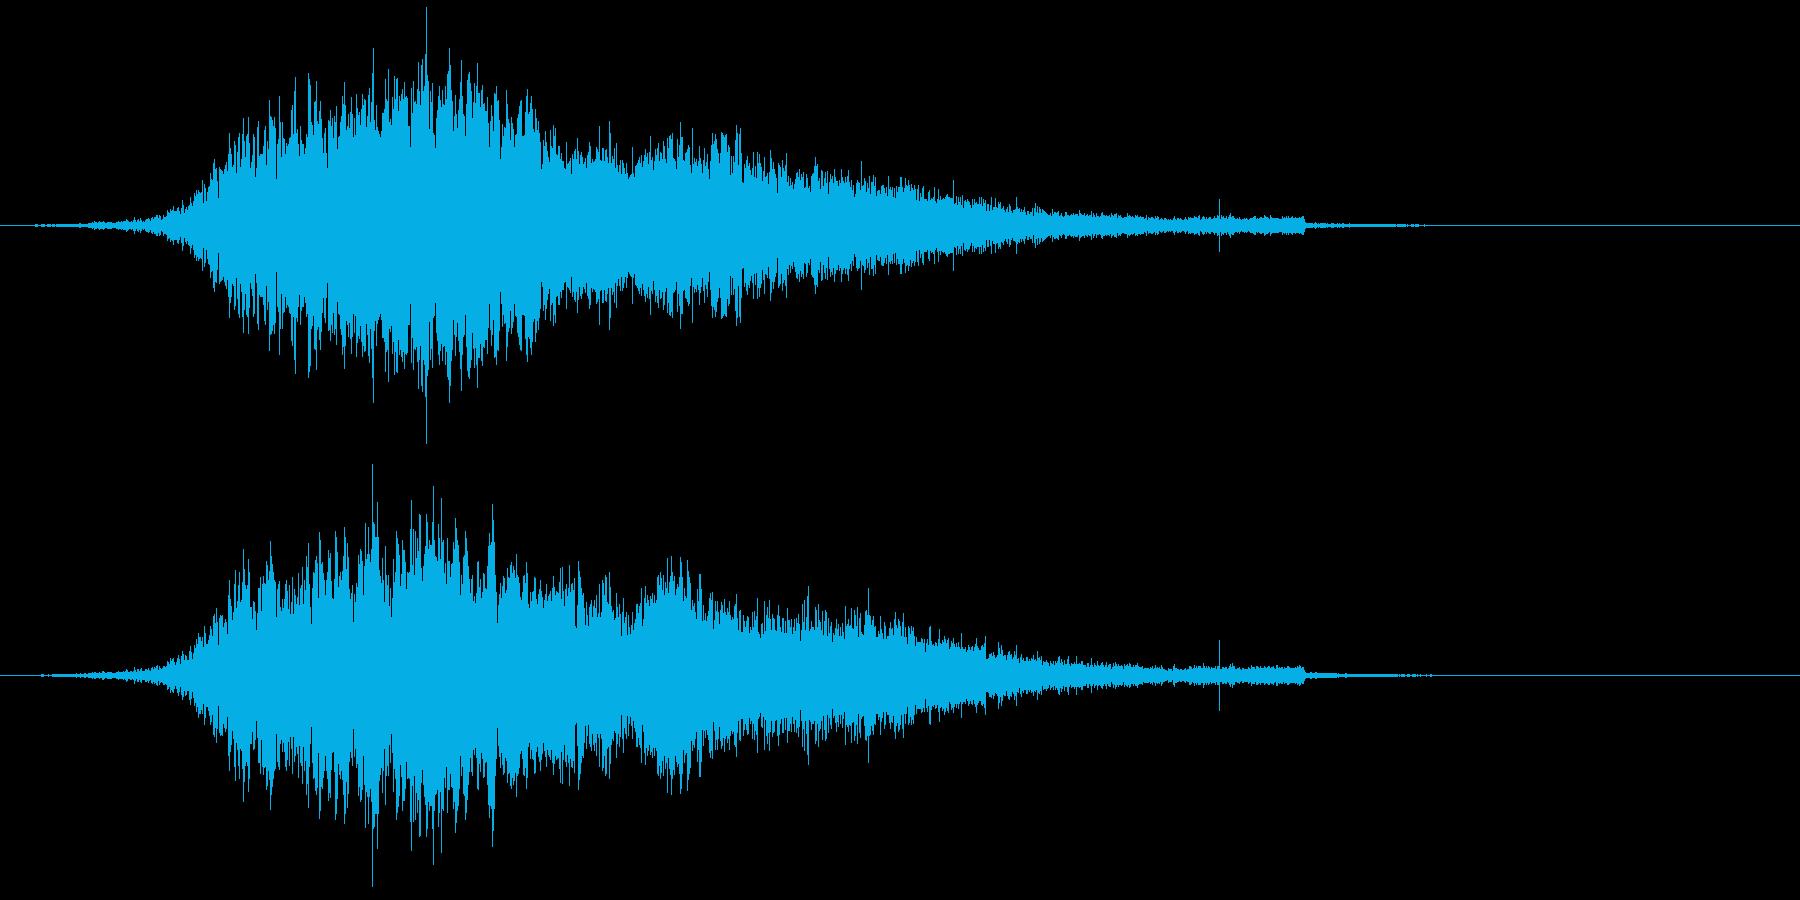 【ダーク】ホラー演出SE_04 出現の再生済みの波形